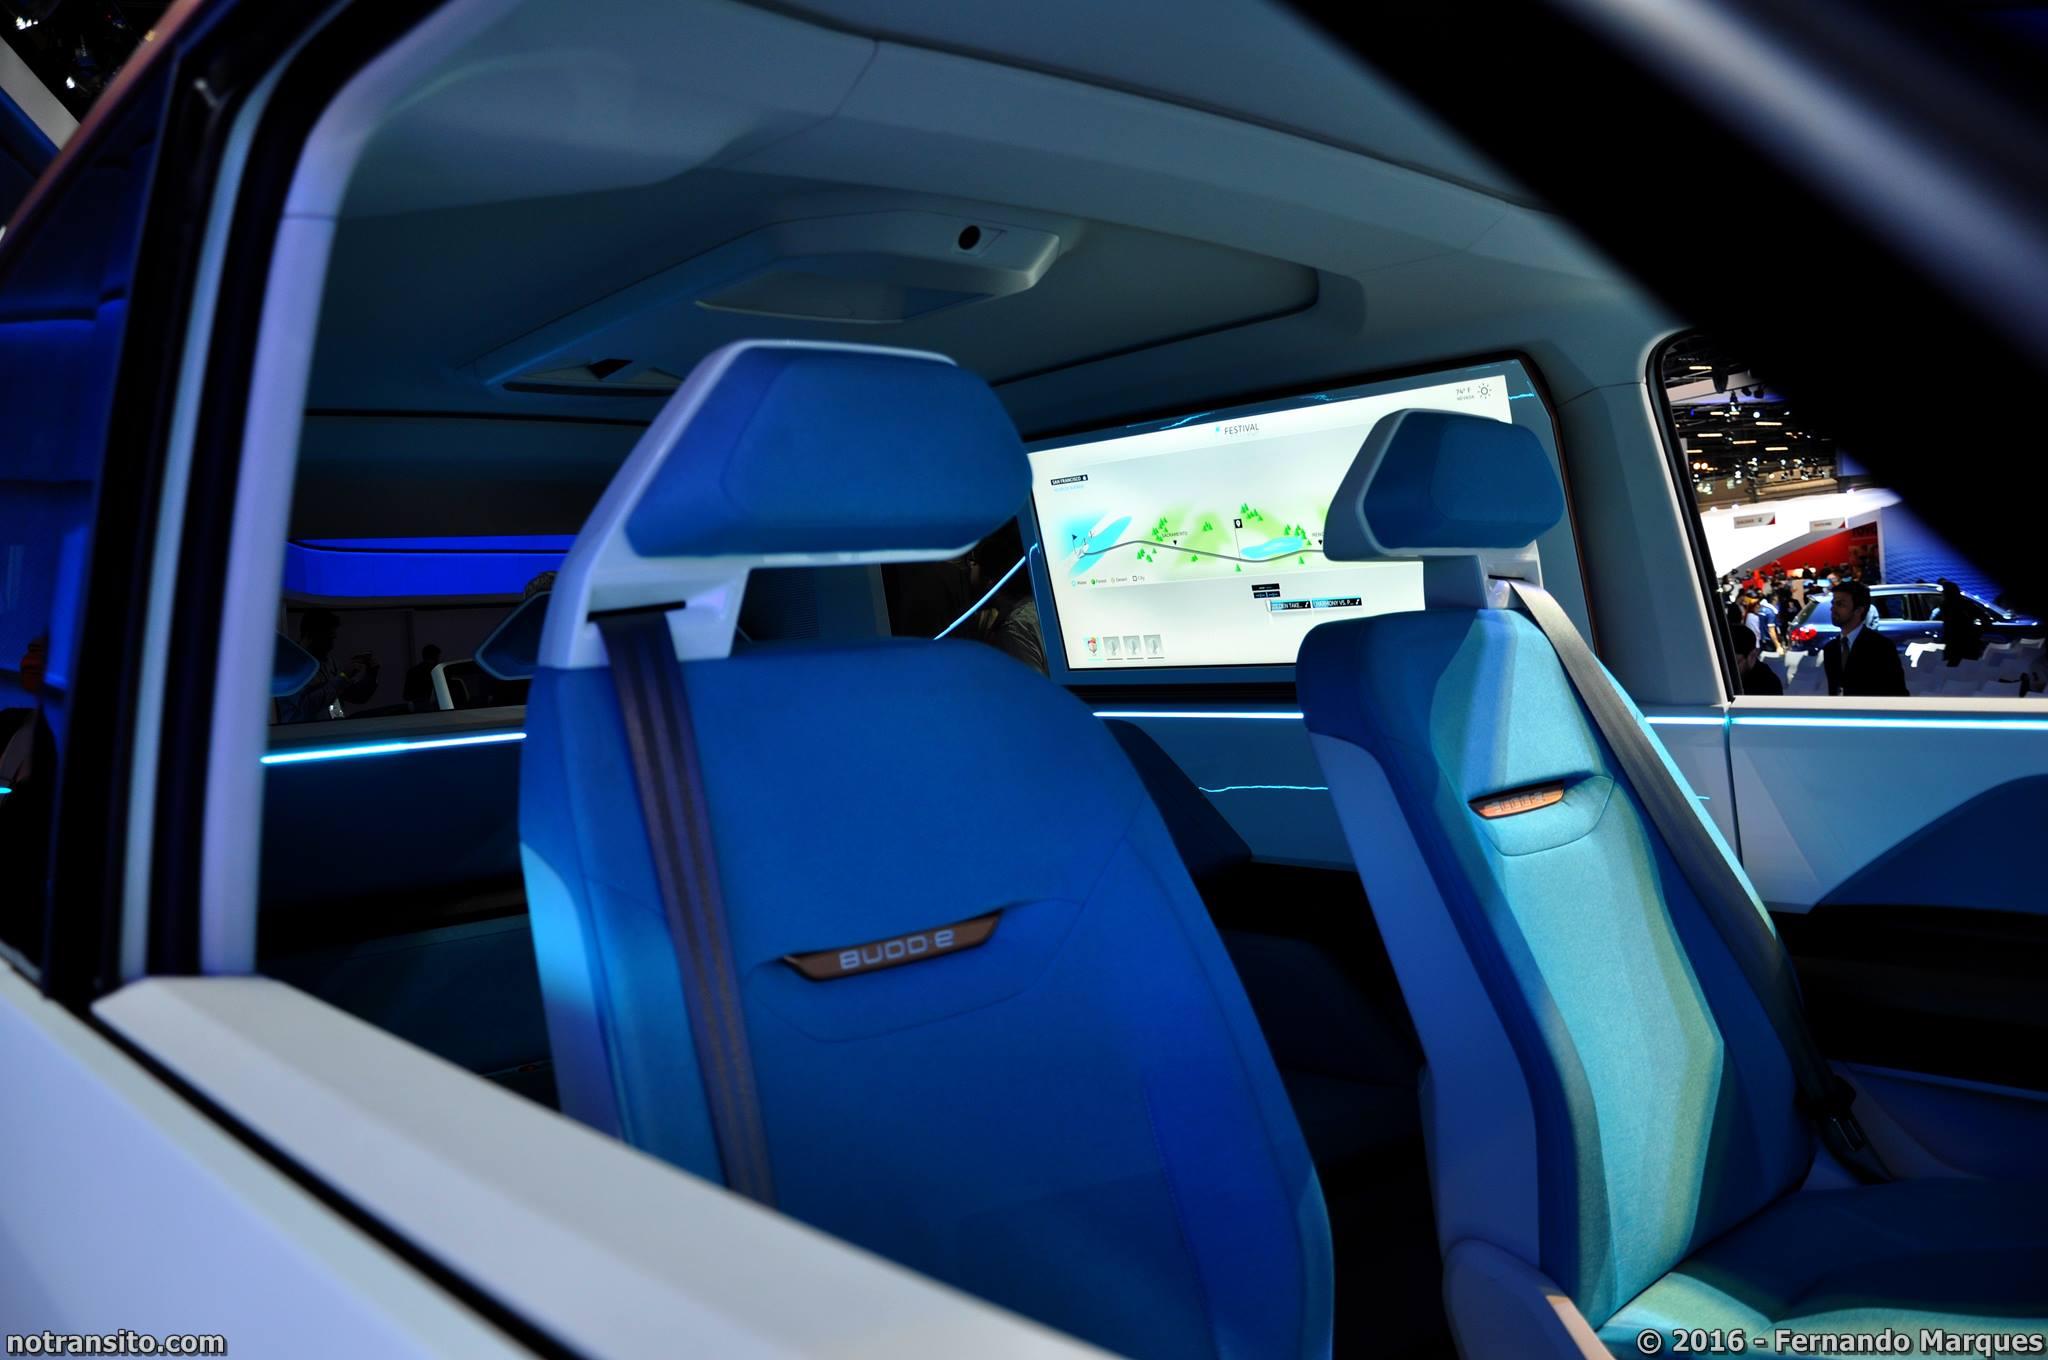 Volkswagen Budd-E Concept, Salão do Automóvel 2016, 29º Salão do Automóvel de São Paulo